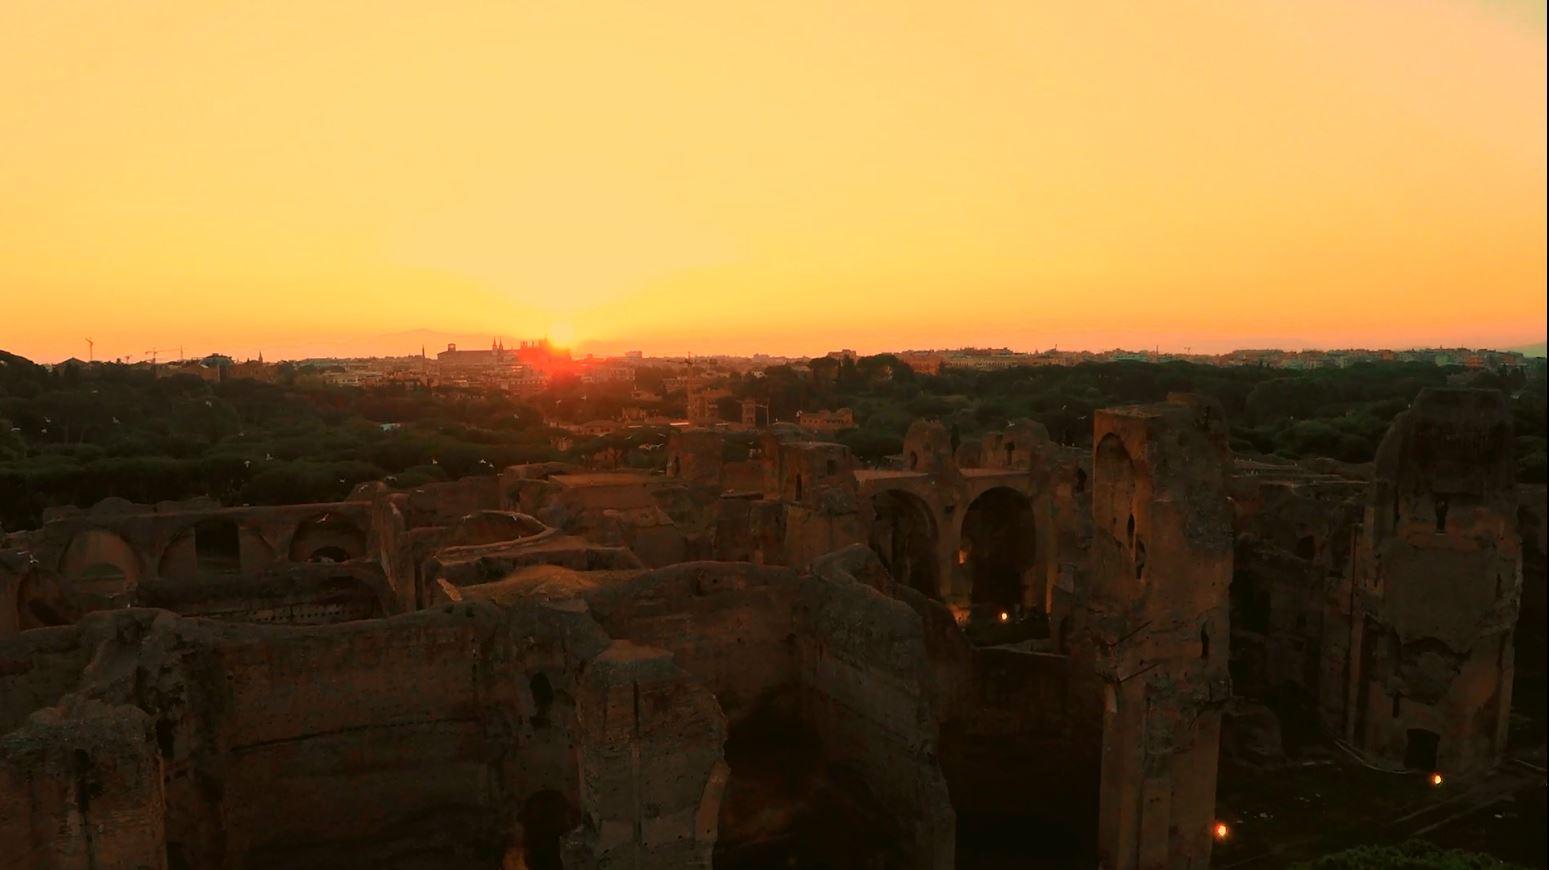 Un baile por Roma 1 - Be There Before